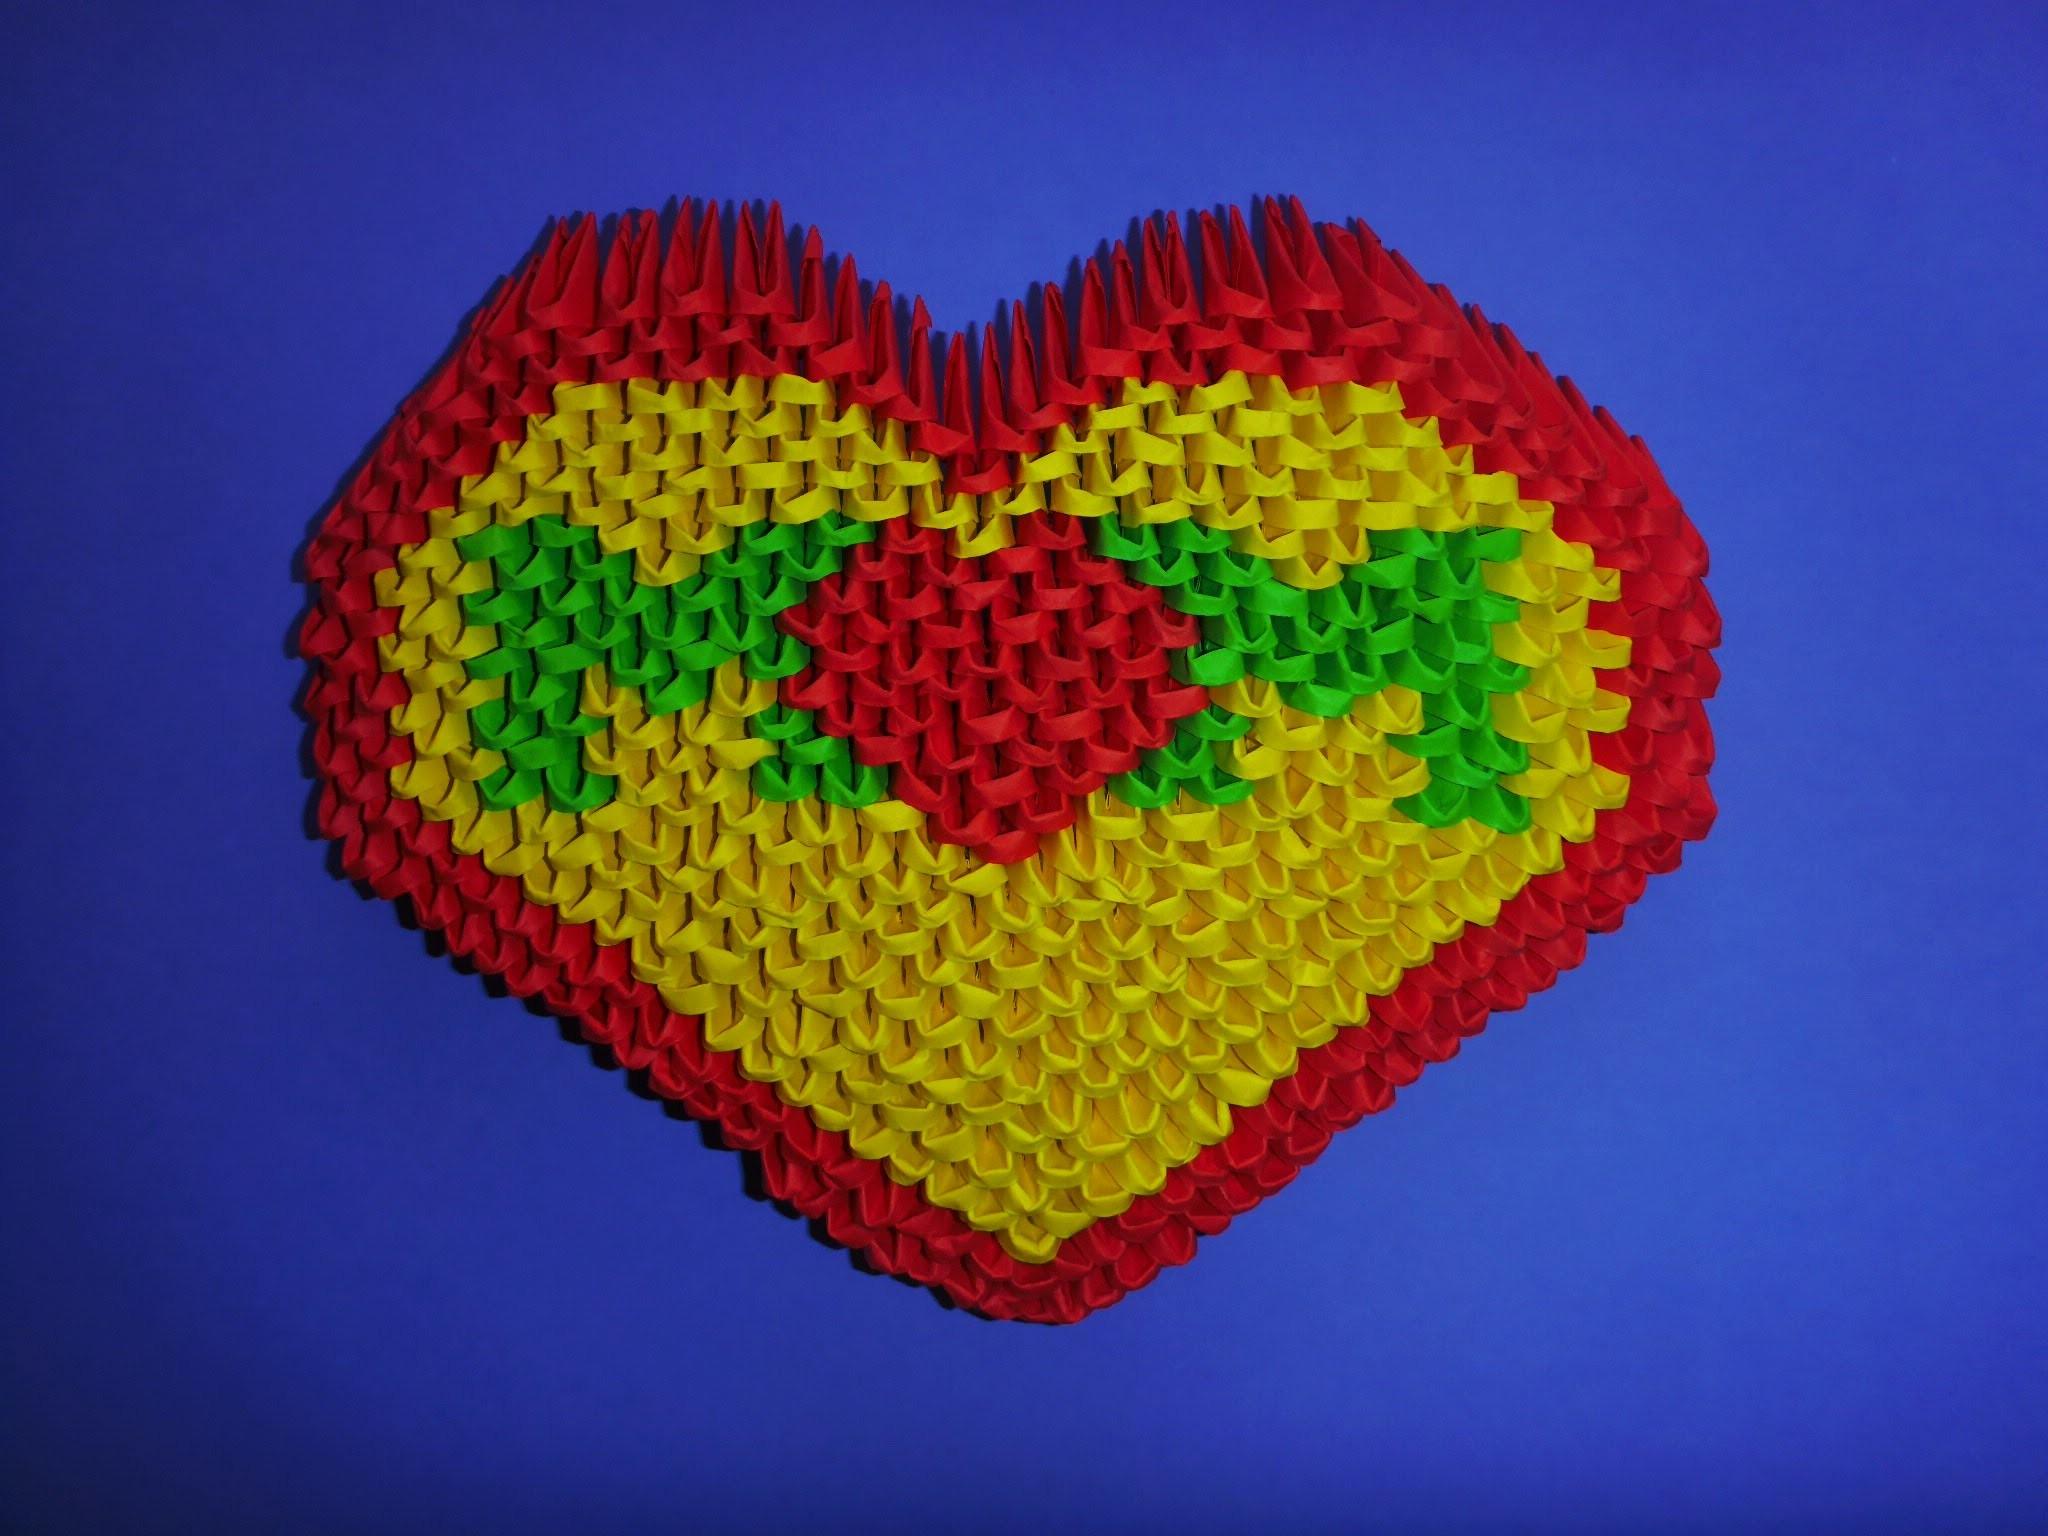 diy origami 3d herz mom geschenk zum muttertag geburtstag moter s day gift ideas heart tutorial. Black Bedroom Furniture Sets. Home Design Ideas